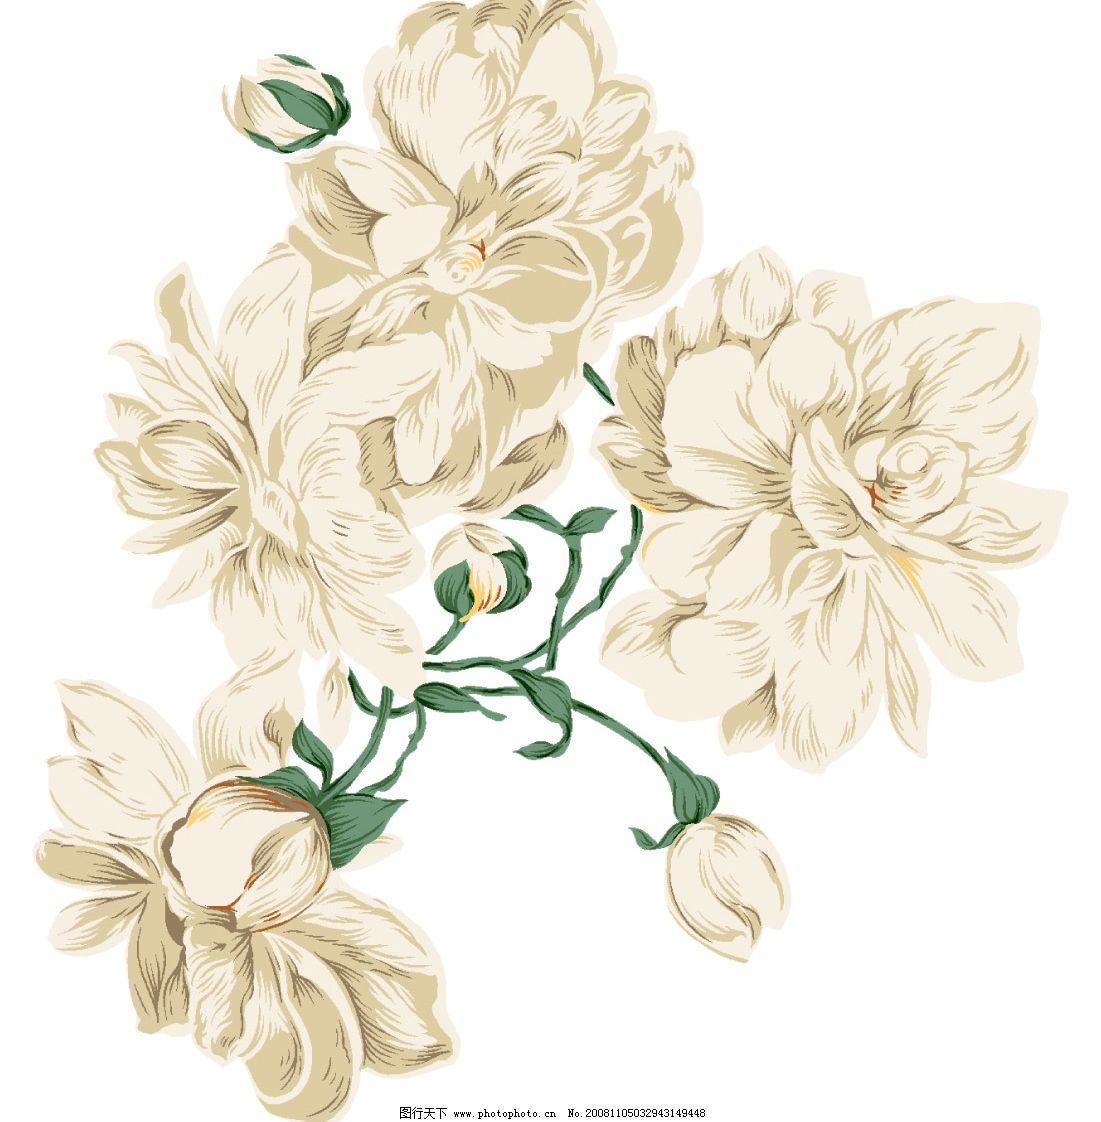 韩国手绘花纹 时尚 浪漫 韩国风格 玻璃 移门 彩绘 插画 摄影素材